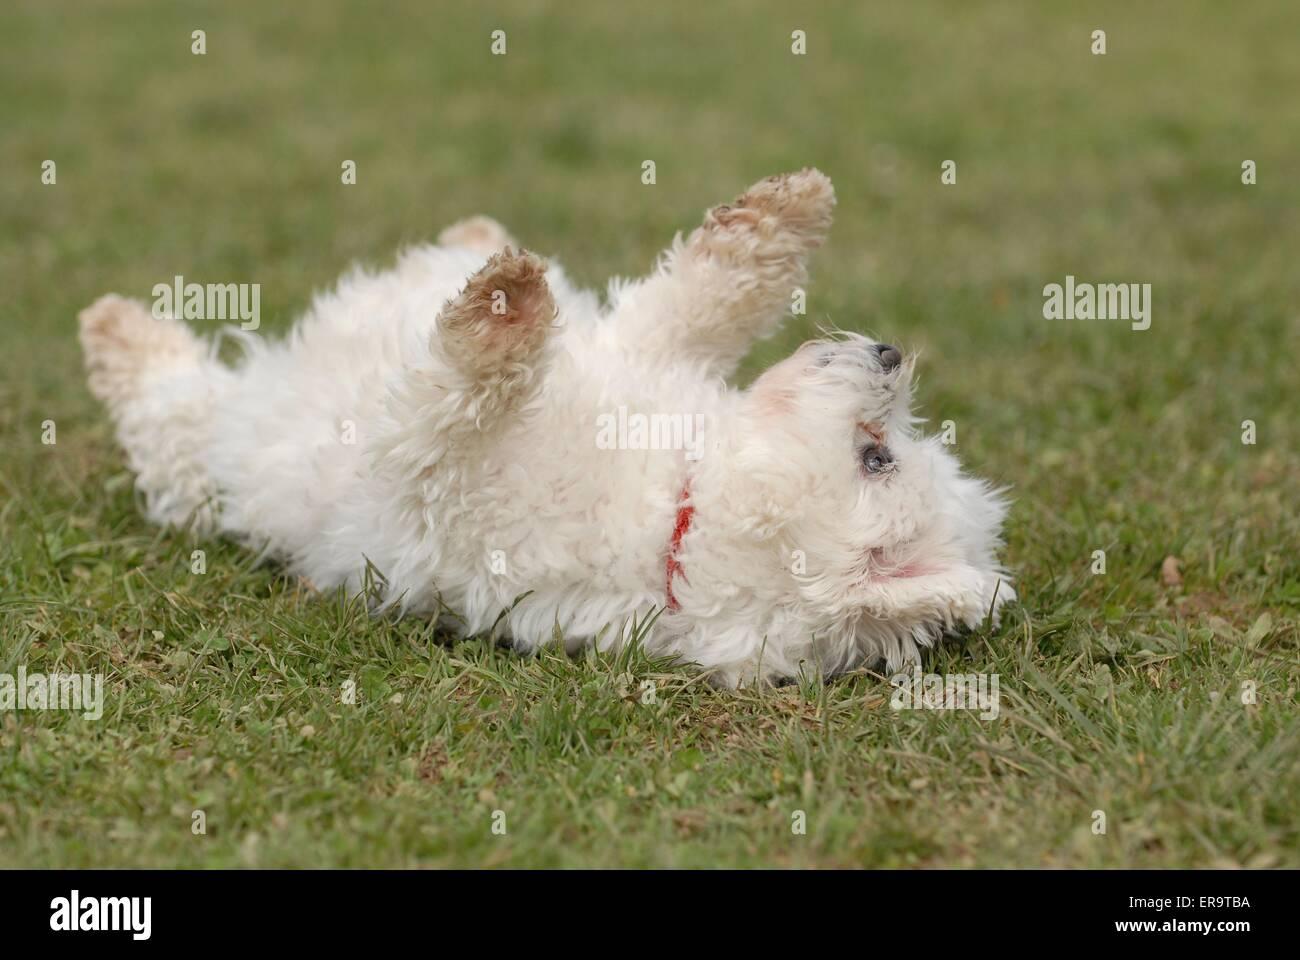 white dog - Stock Image